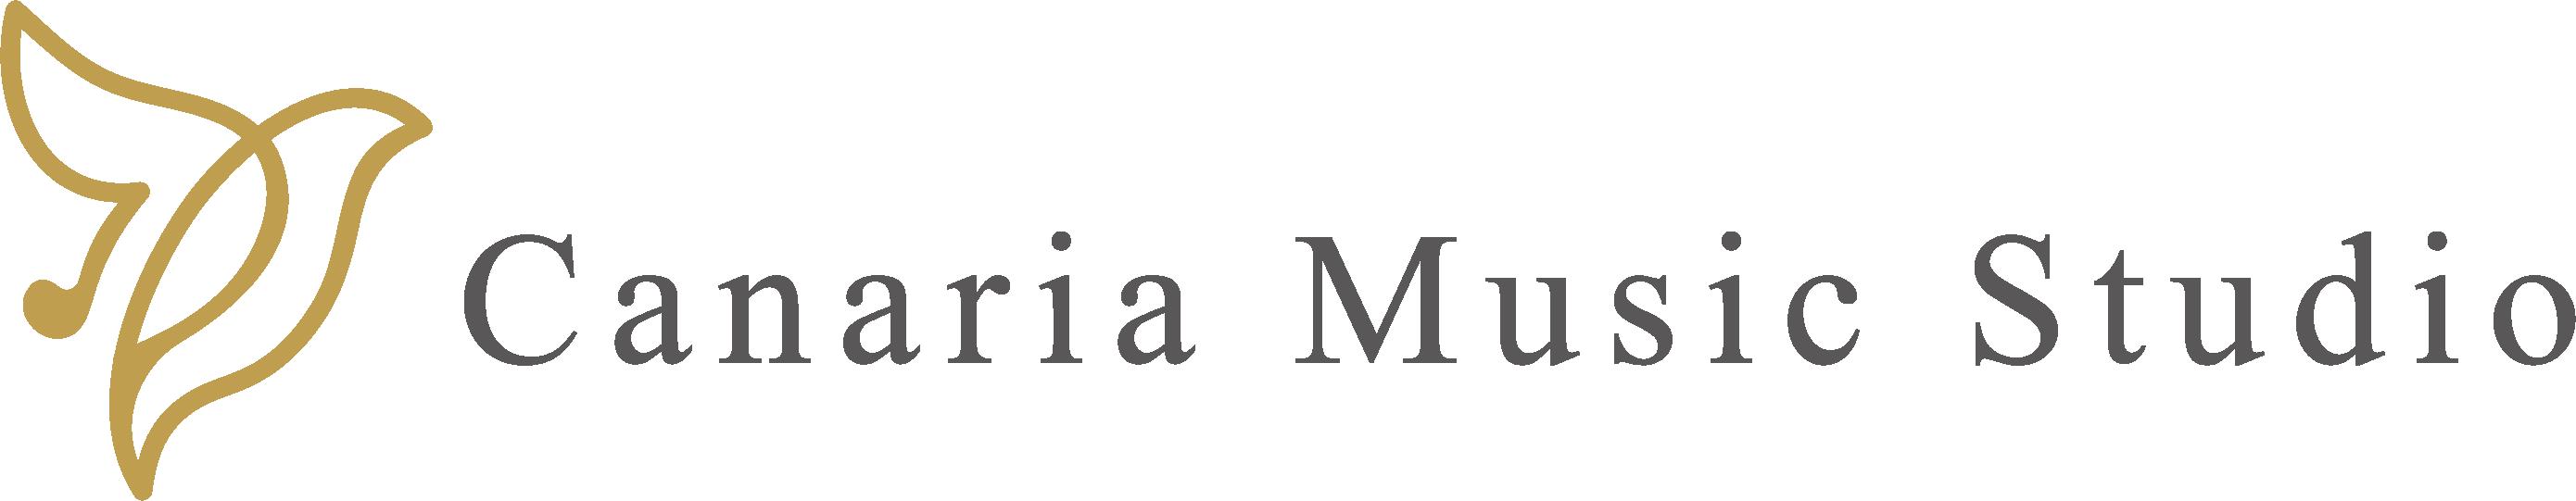 Canaria Music Studio|高田馬場駅の音楽教室・ボイストレーニング・ギターの画像